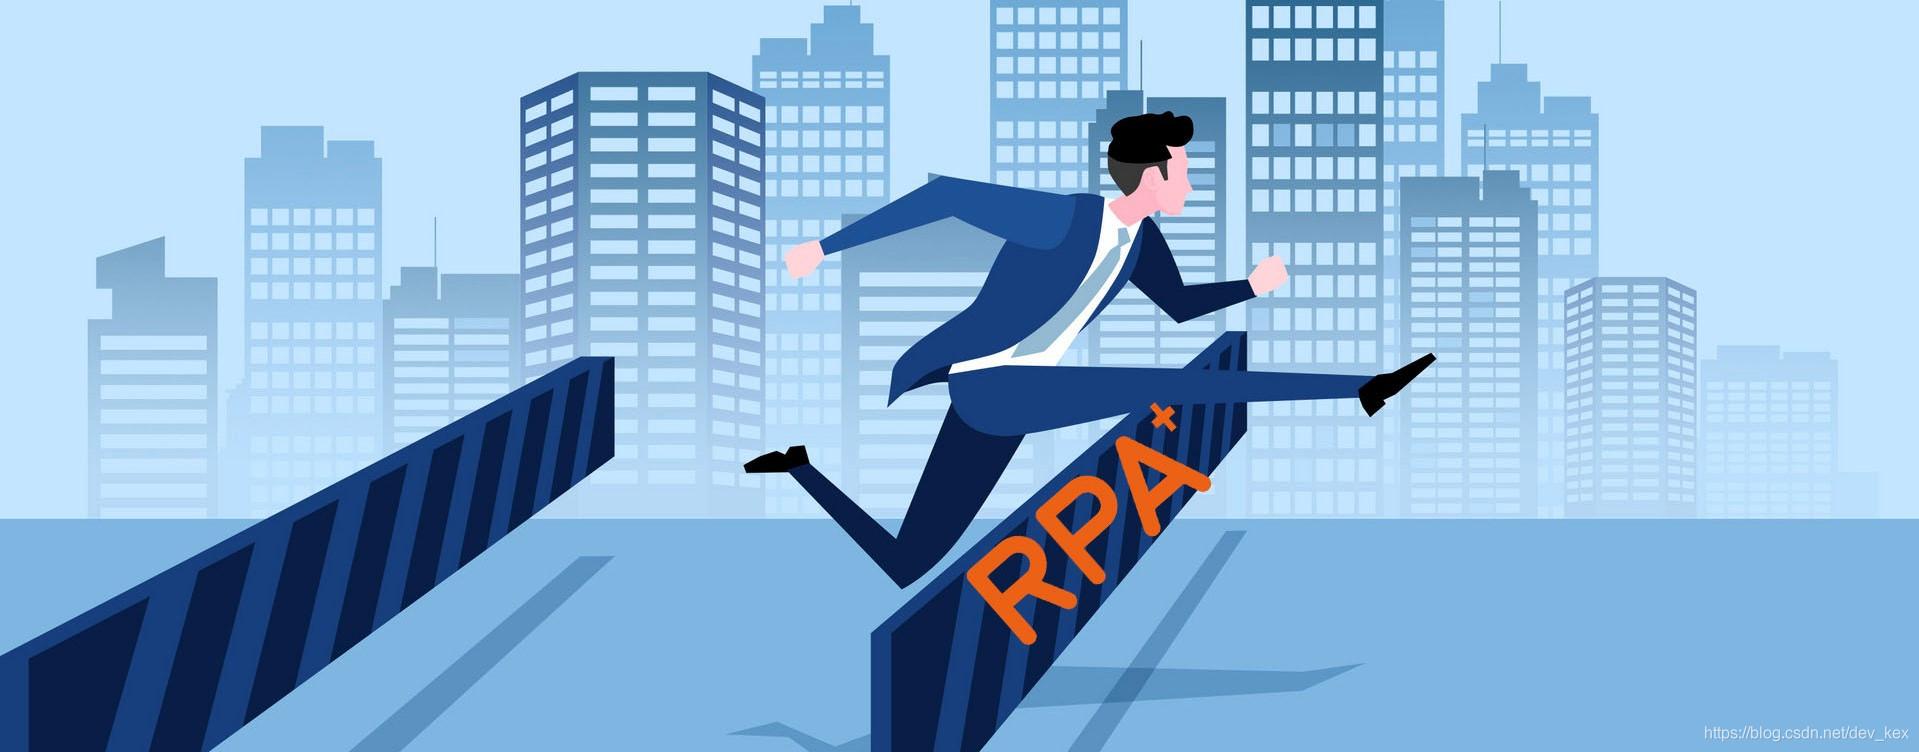 RPA的门槛真的很低吗?插图